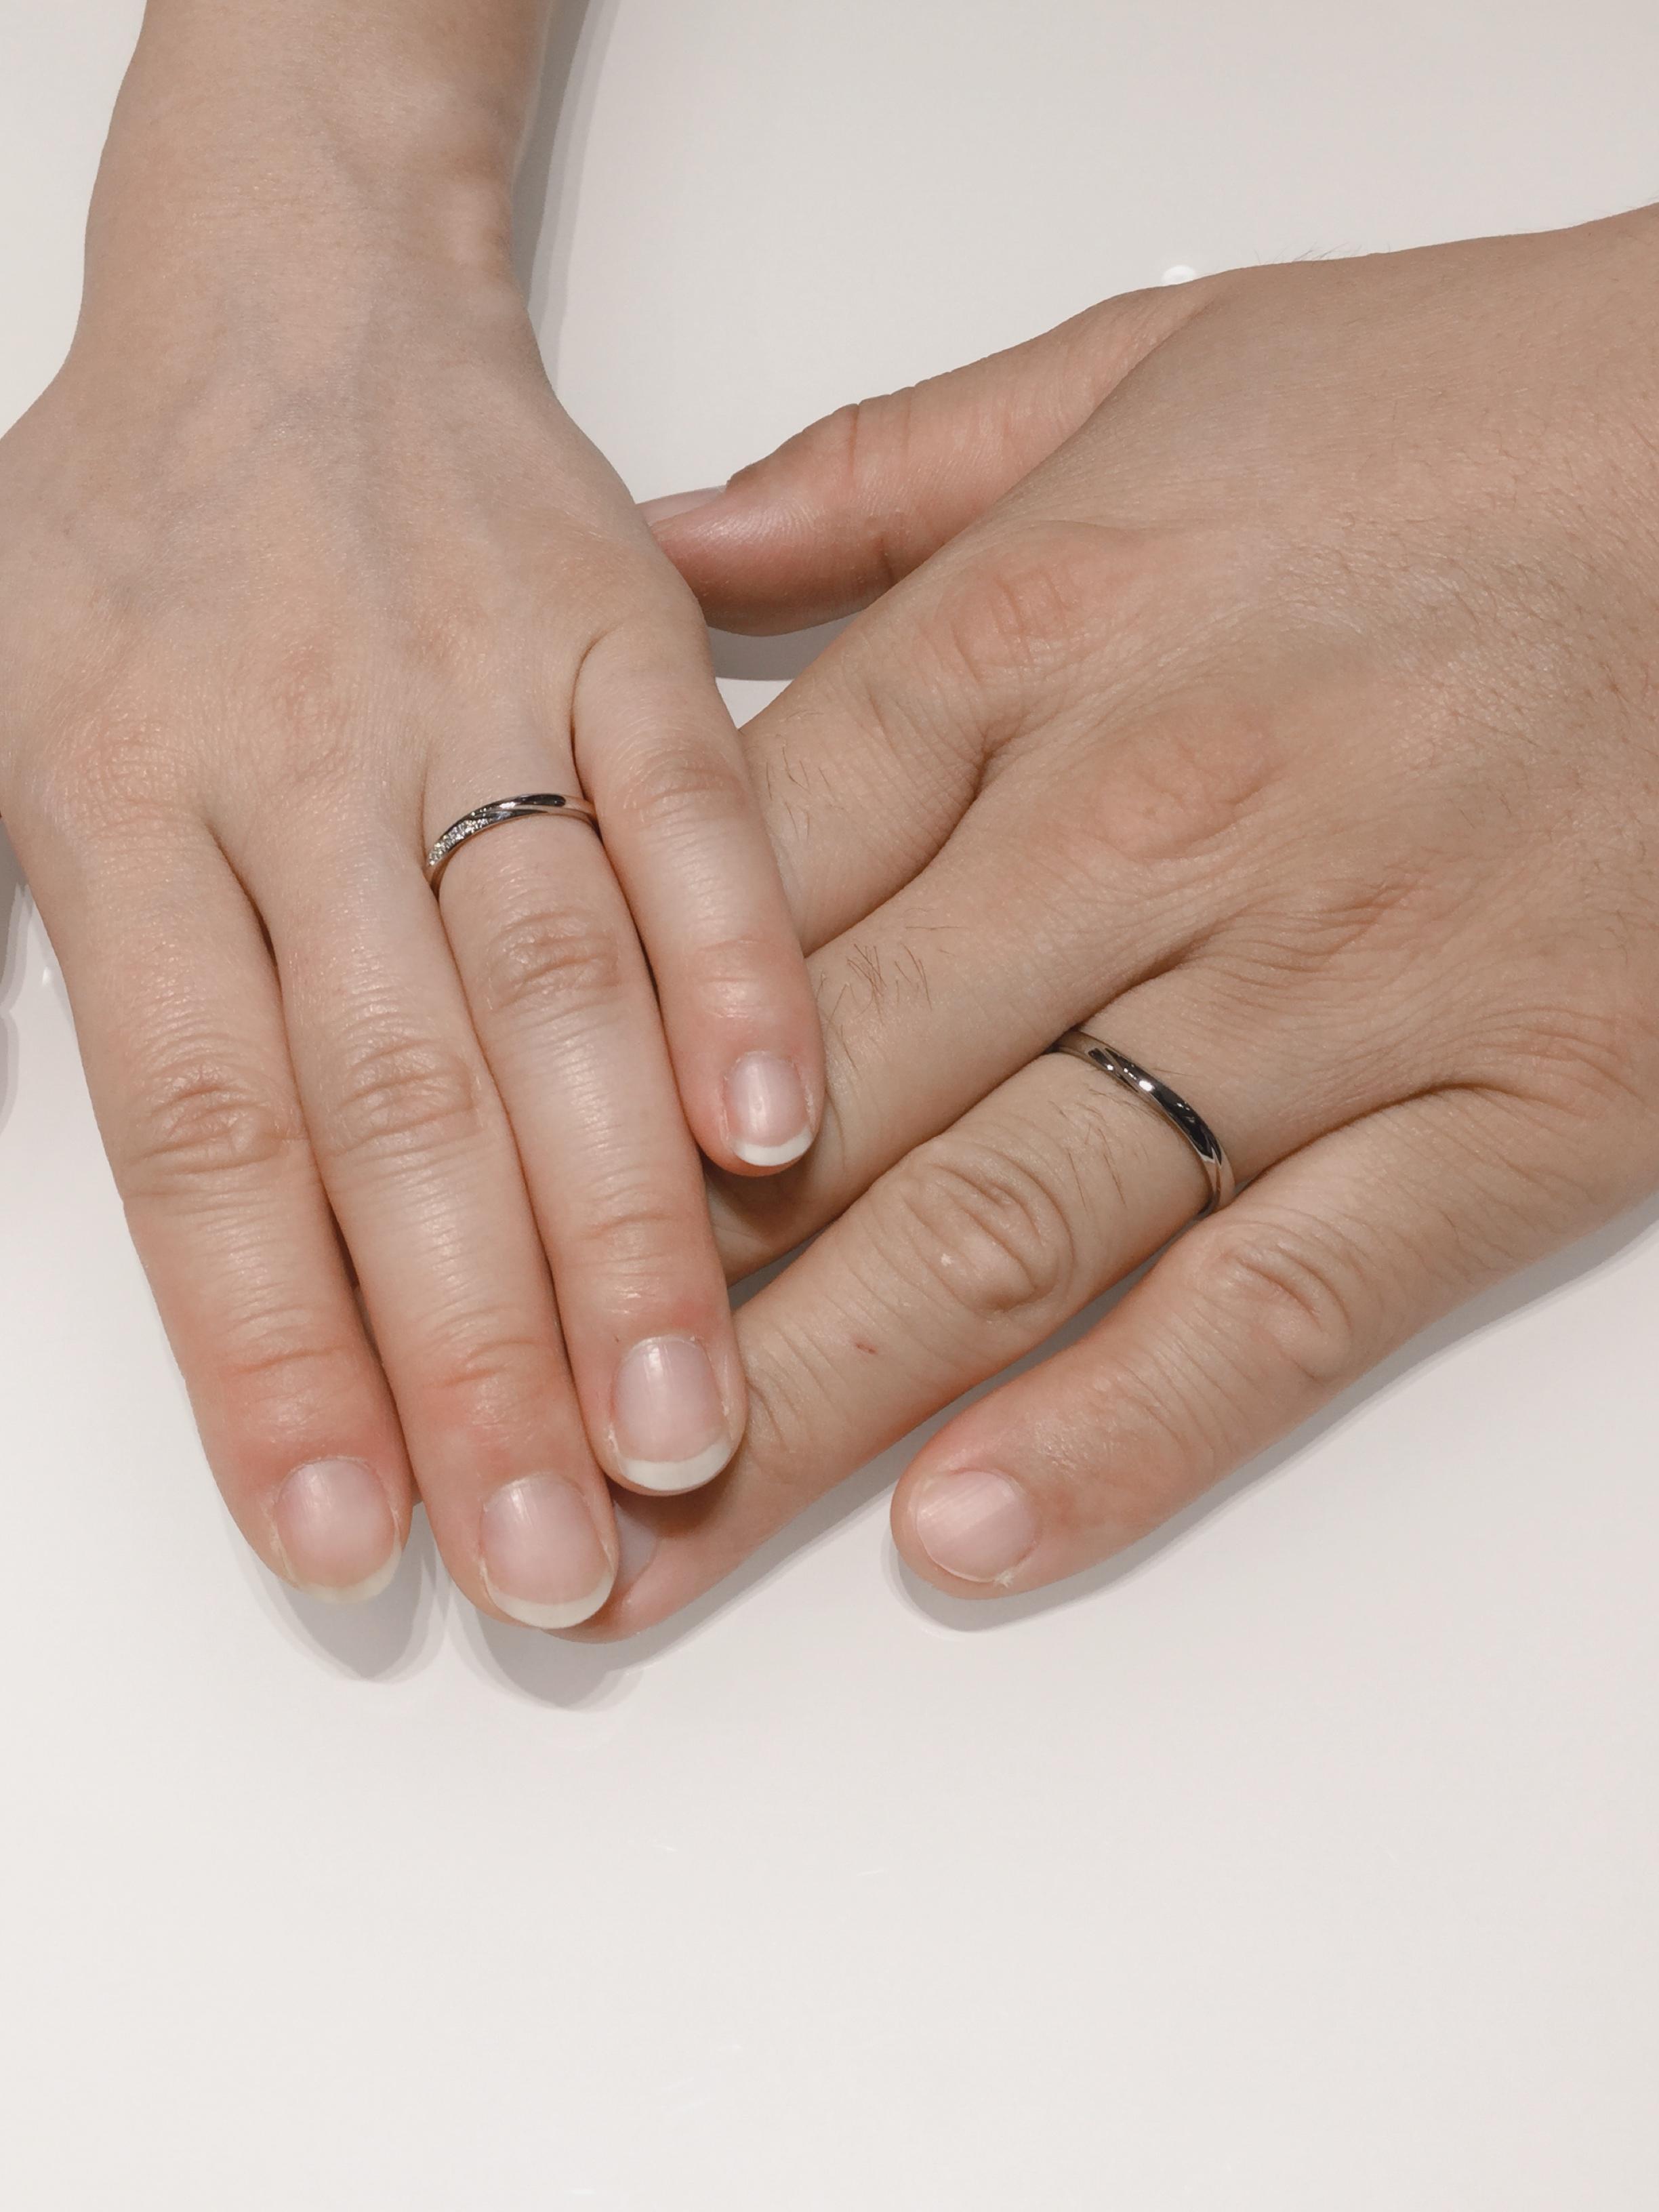 プラチナゴールドの結婚指輪 俄の雪佳景をご成約 新潟市D様・R様